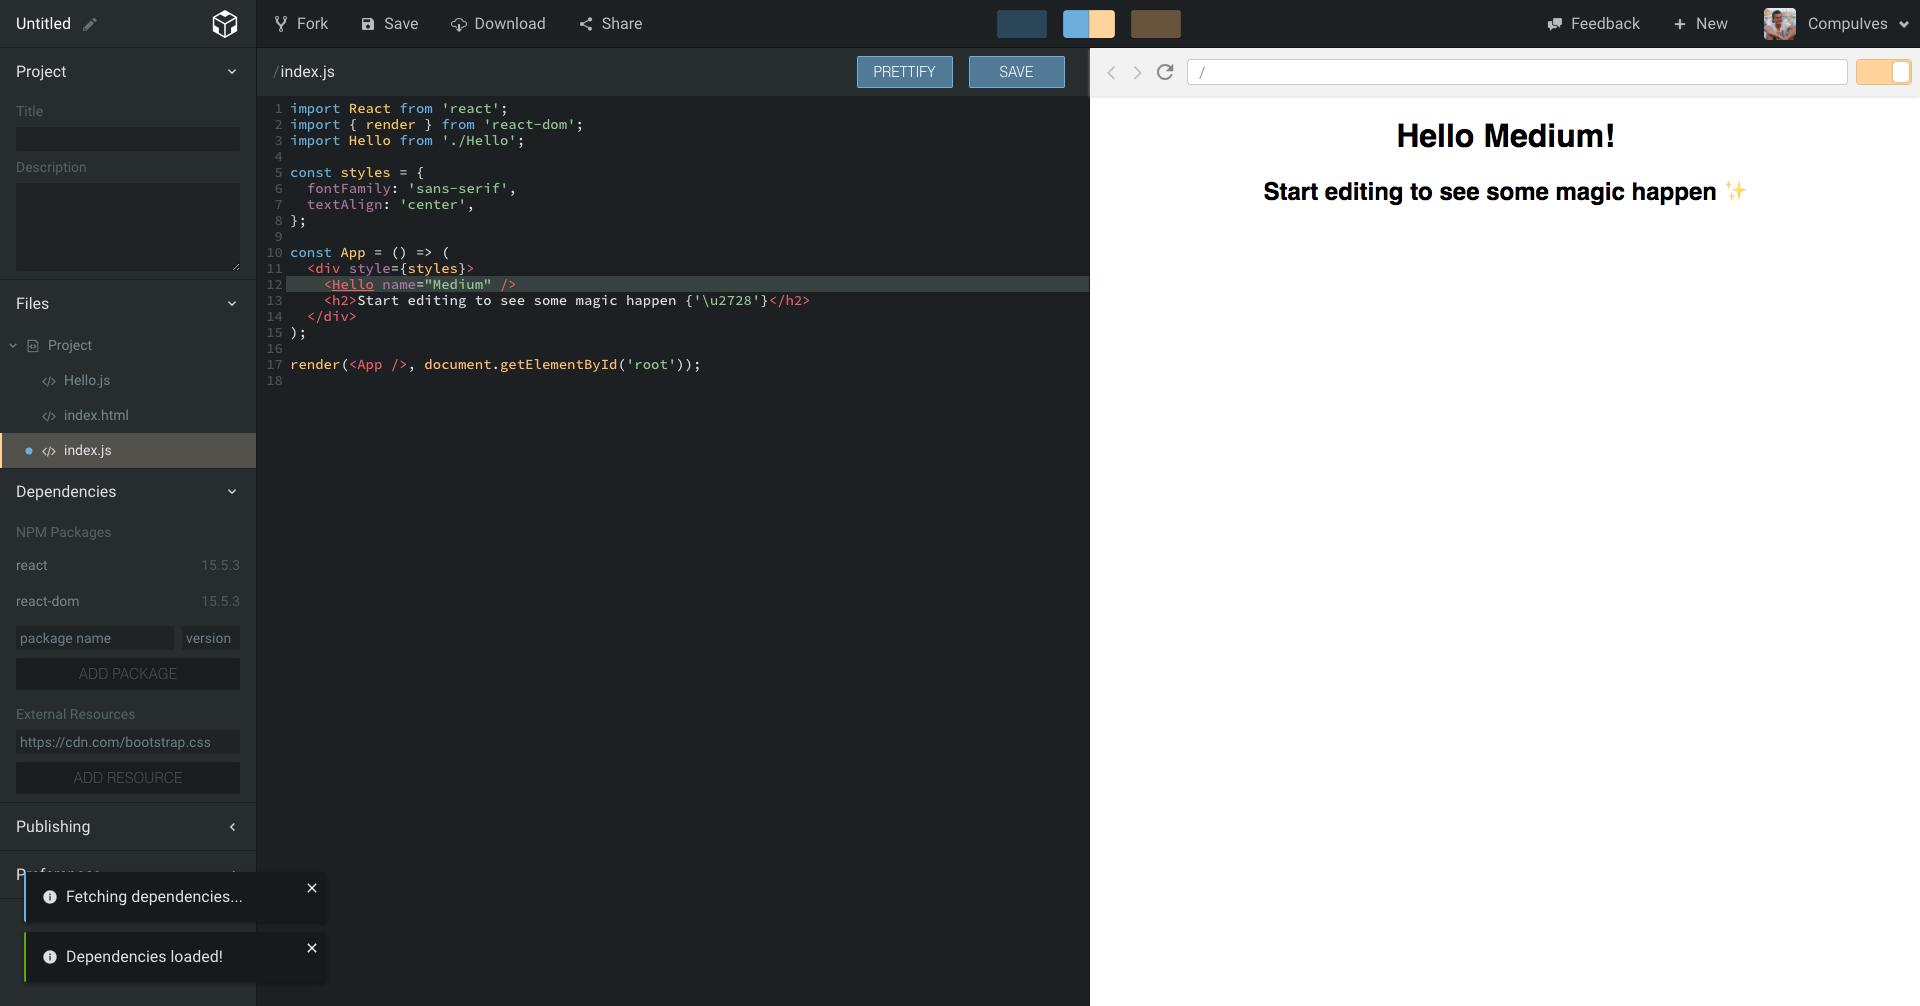 /codesandbox-an-online-react-editor-b8945ce095d2 feature image